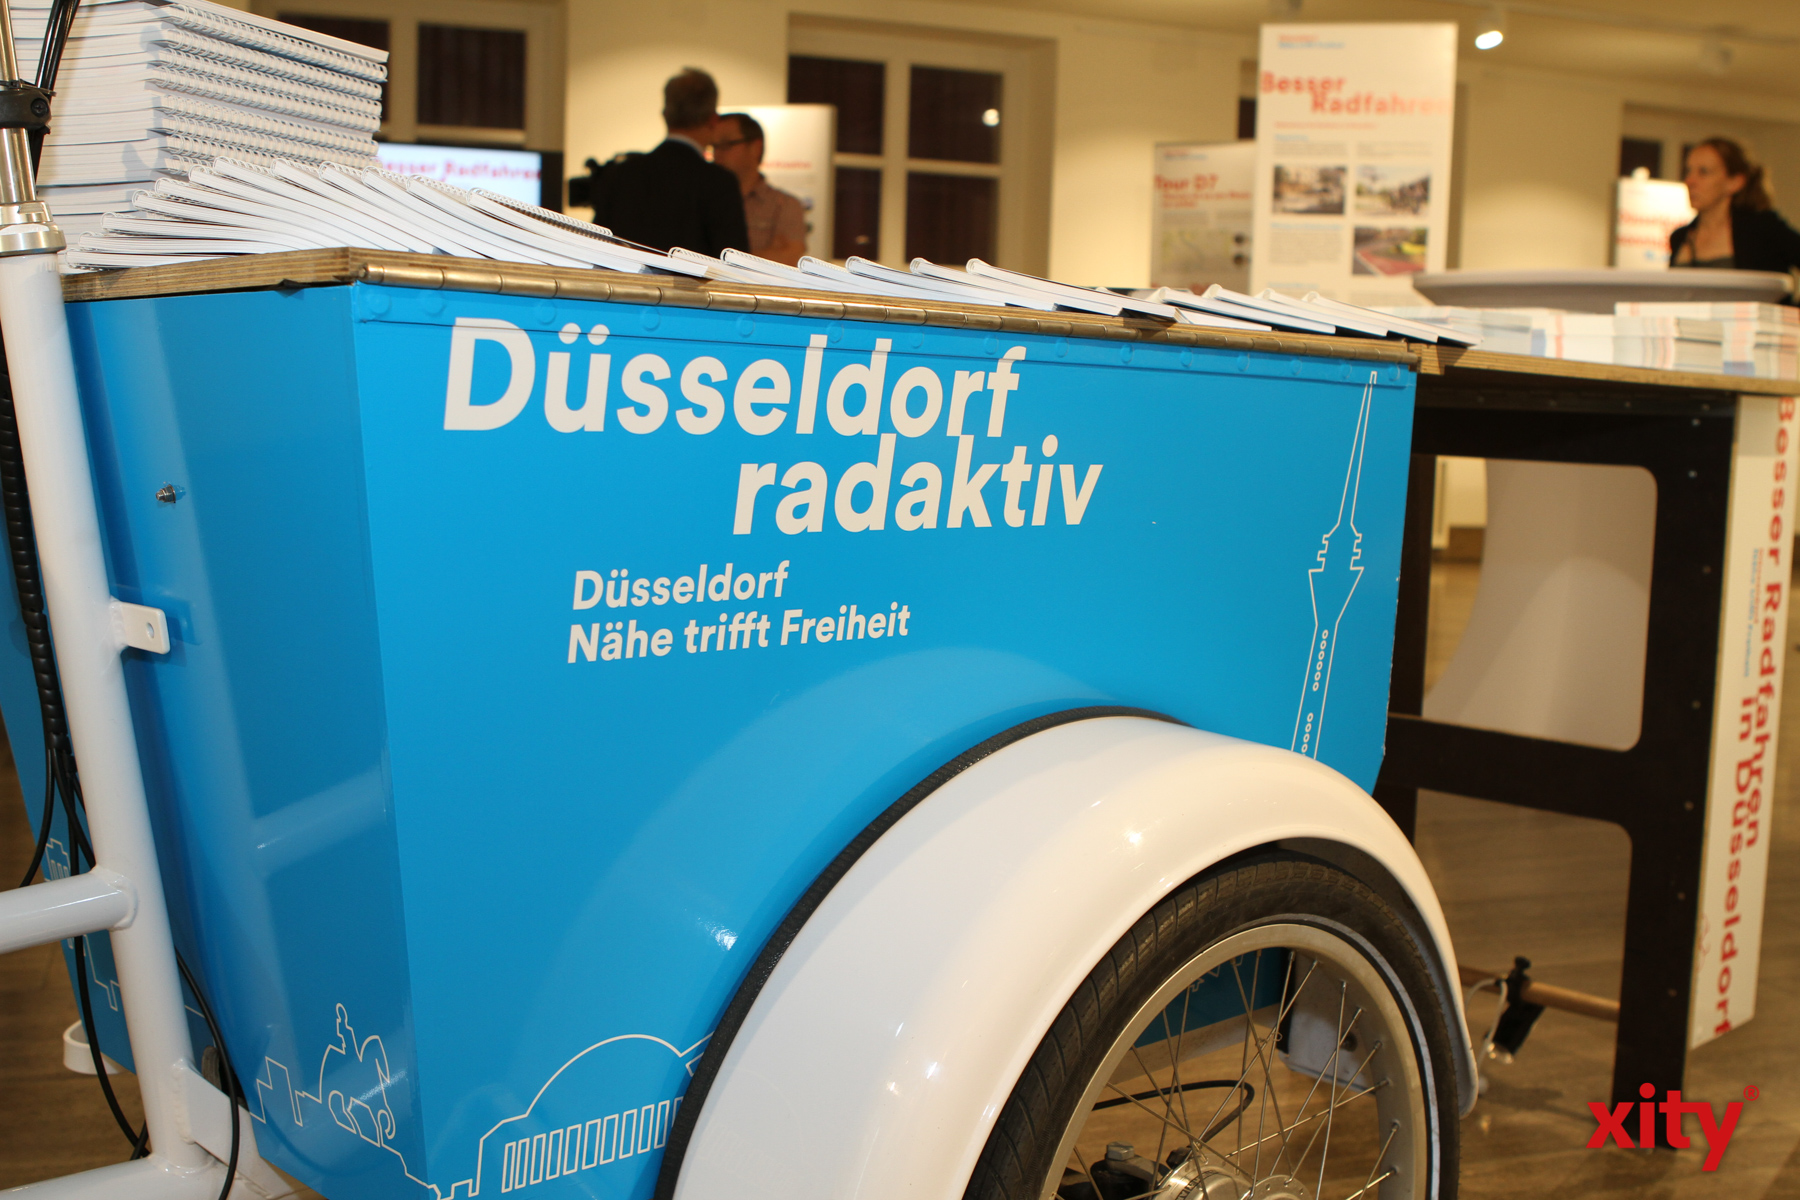 Ein Cargobike dient in der Ausstellung als Infostan (Foto: xity)